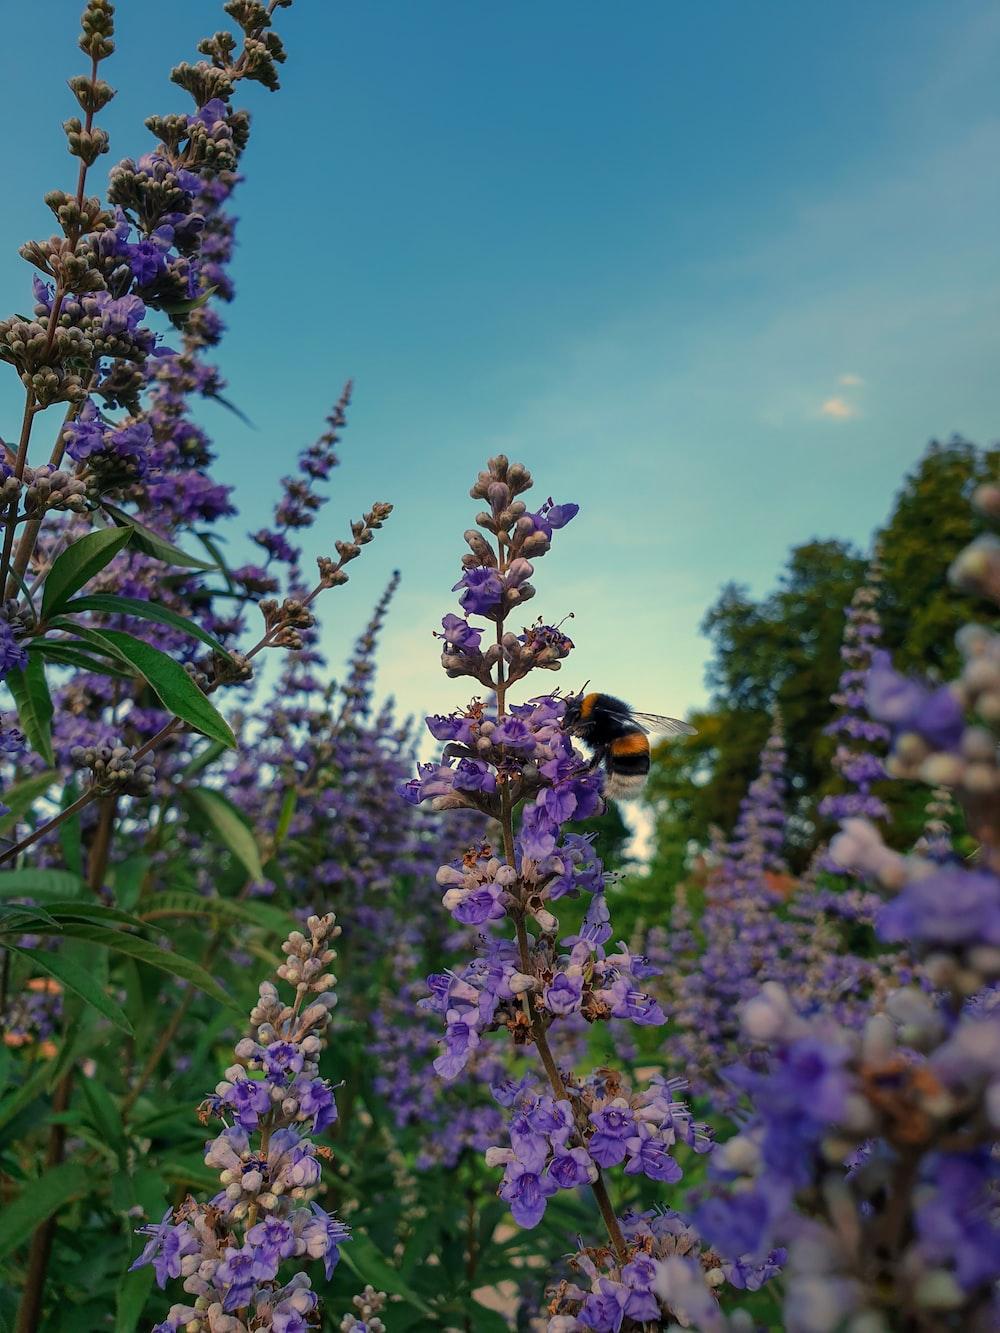 purple flower under blue sky during daytime